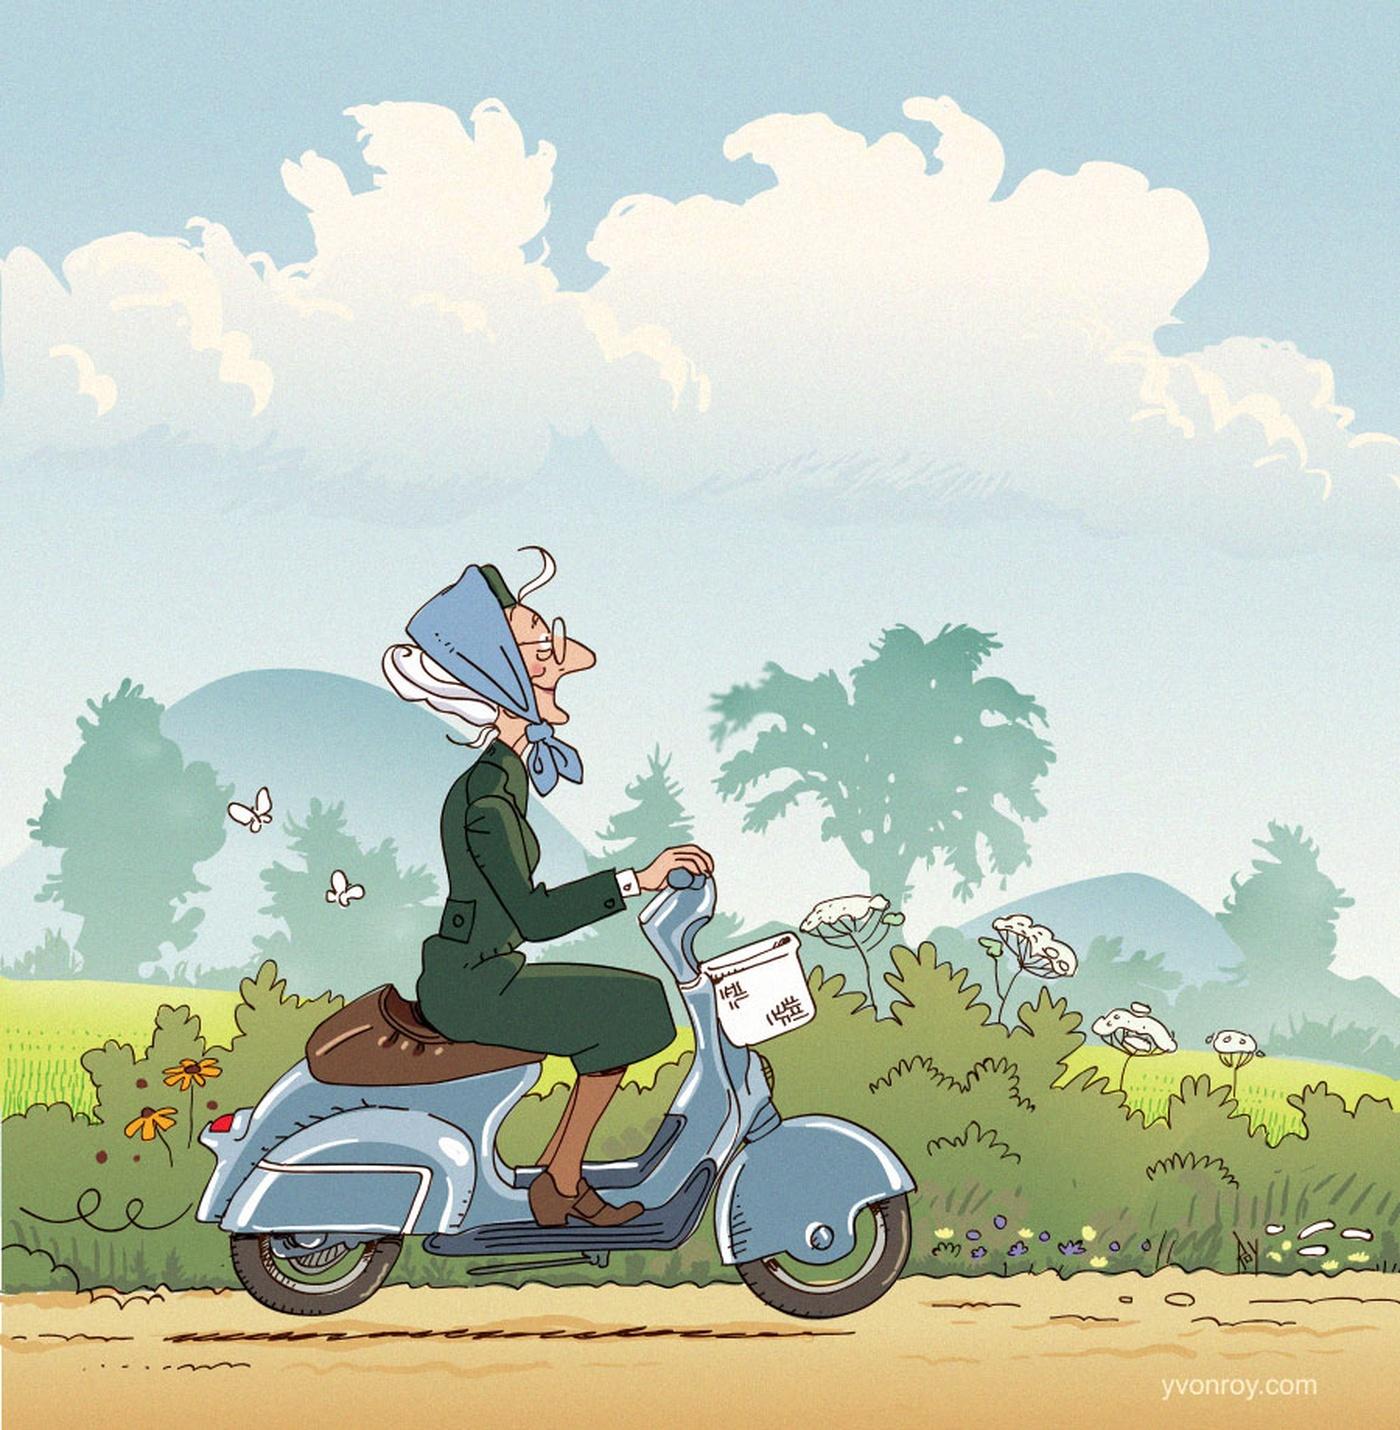 Illustration Quebec Yvonroy Conte Pour Enfants